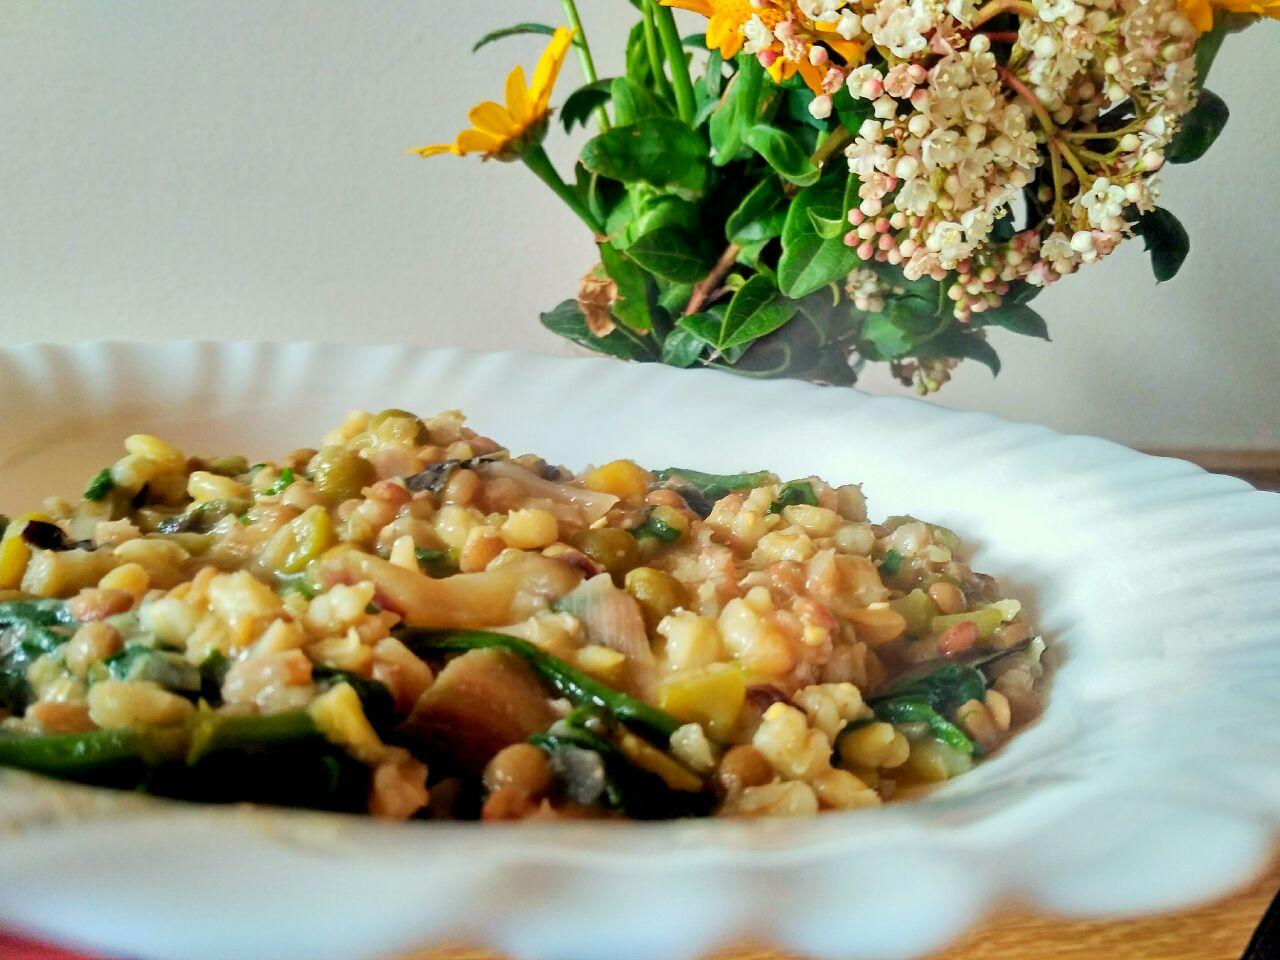 Ricette vegetariane: zuppa di cereali e legumi con spinaci e radicchio!